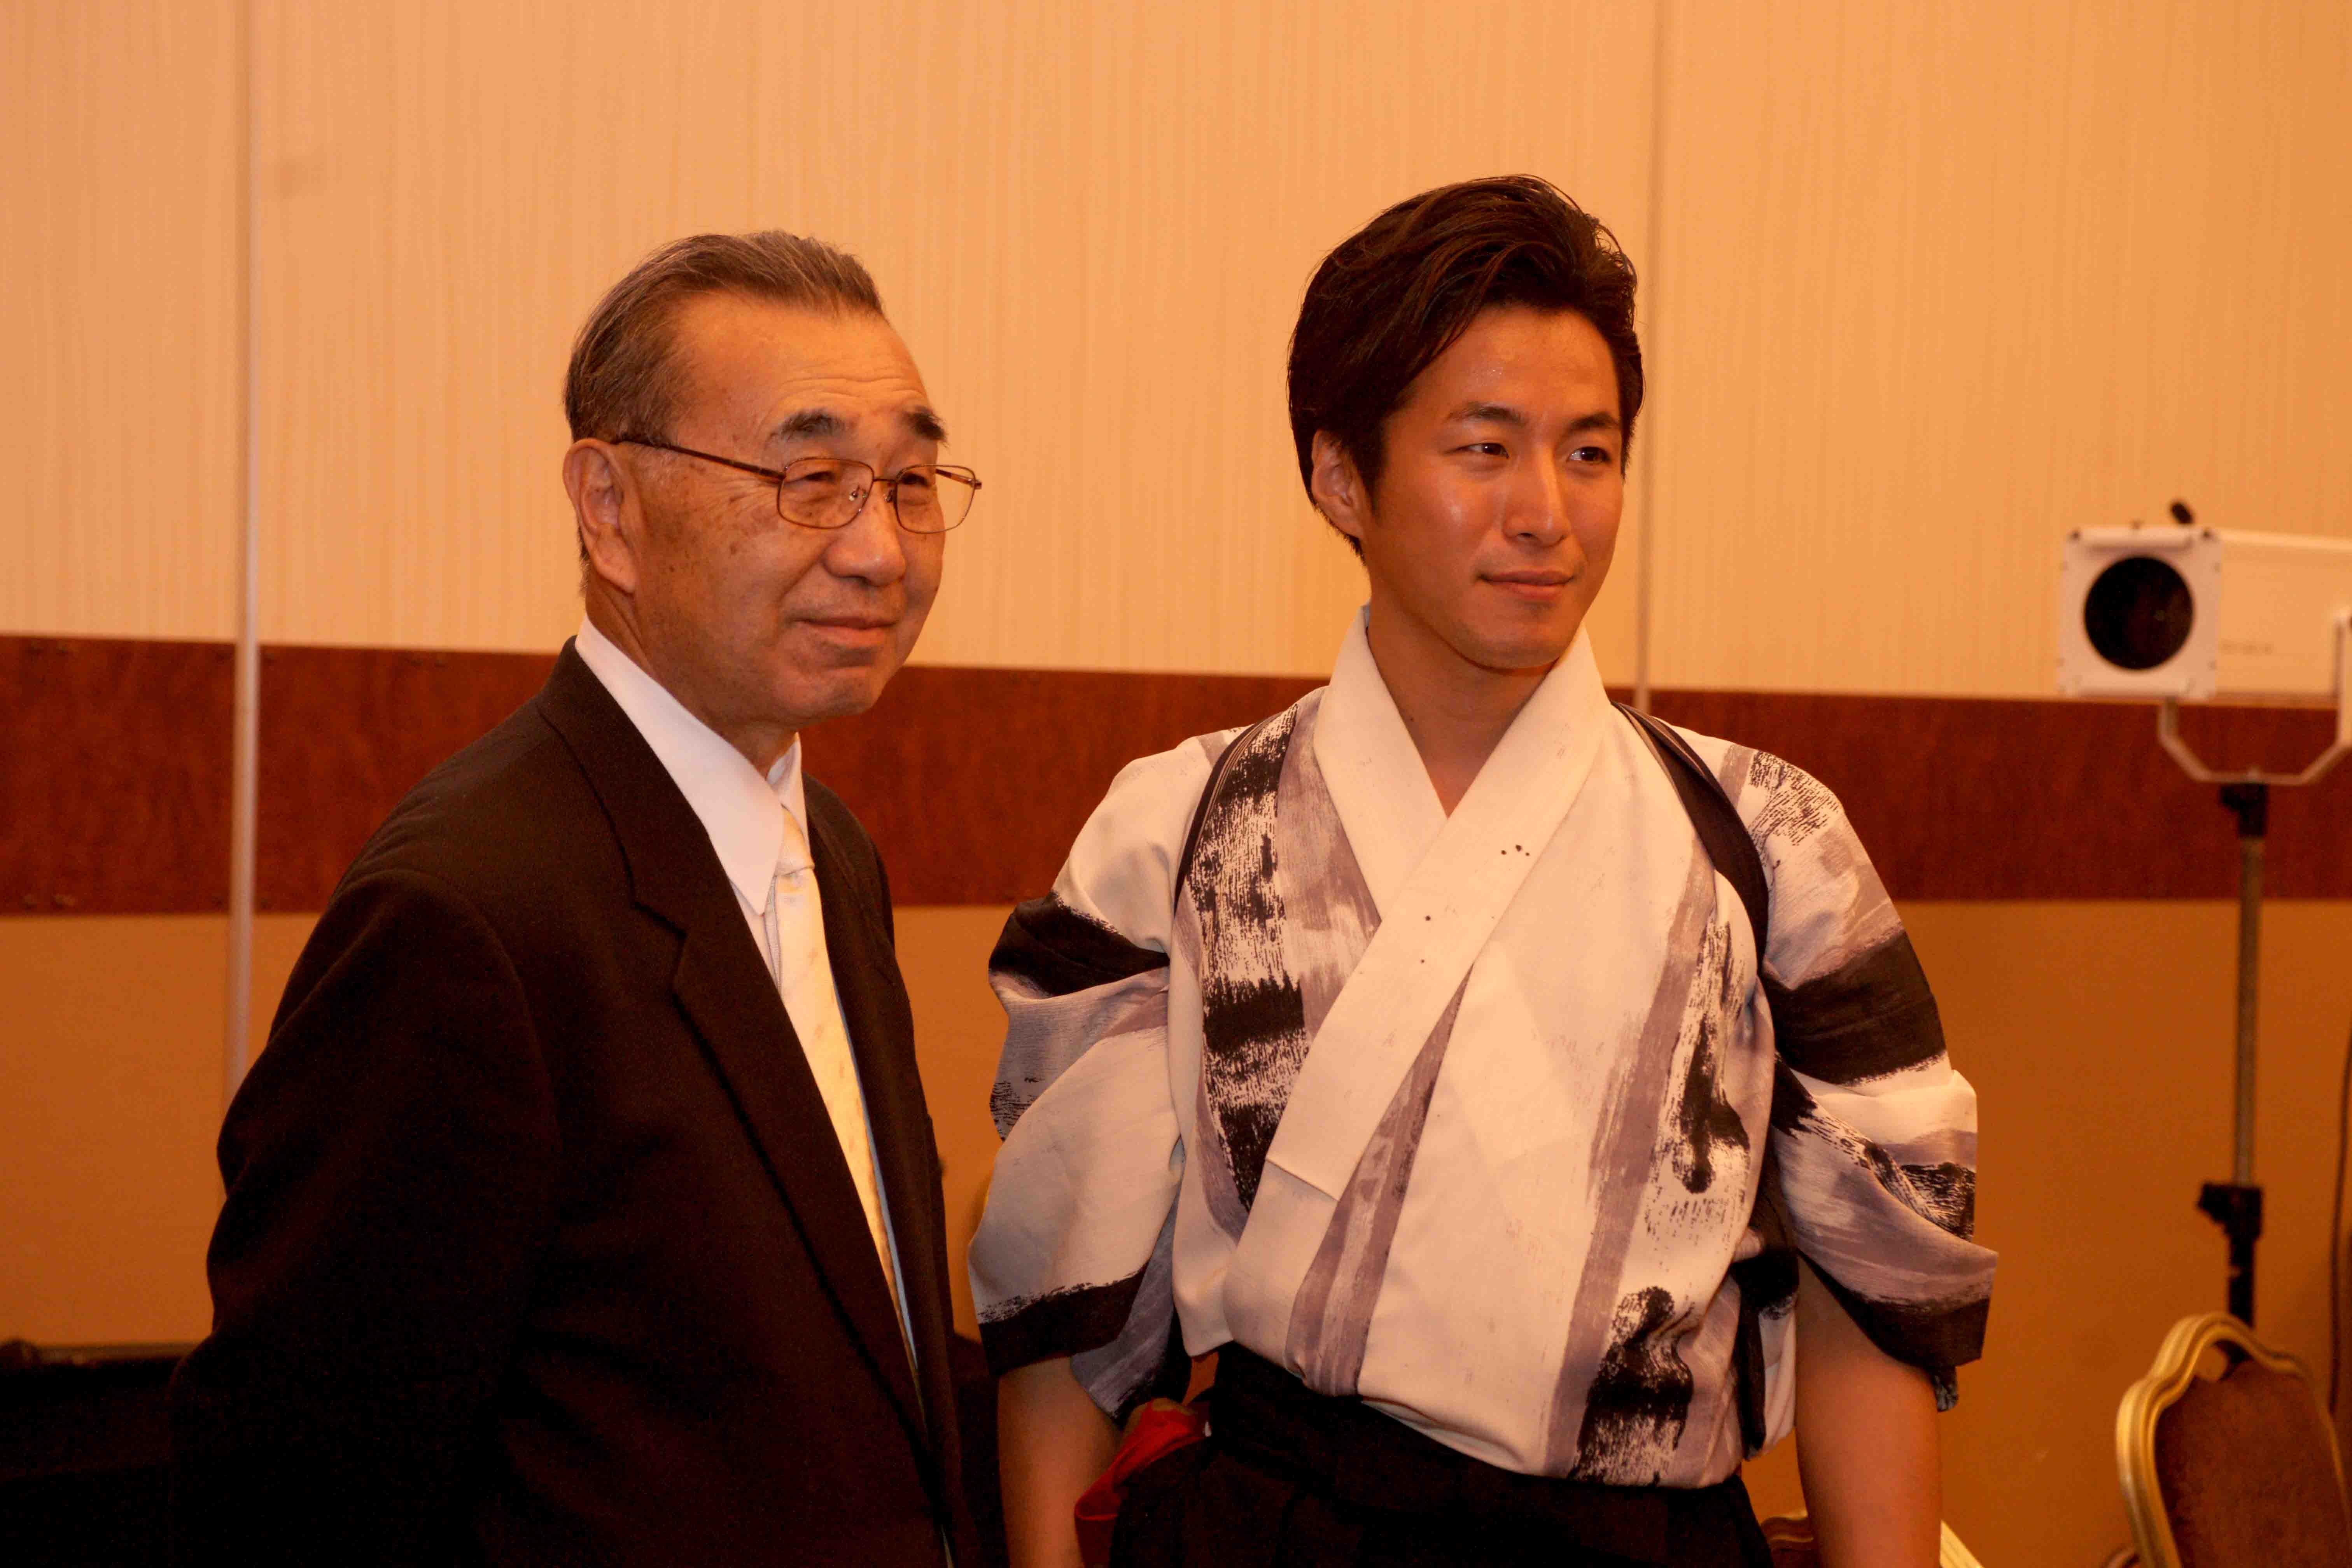 太宰府にお住まいの福岡の会長